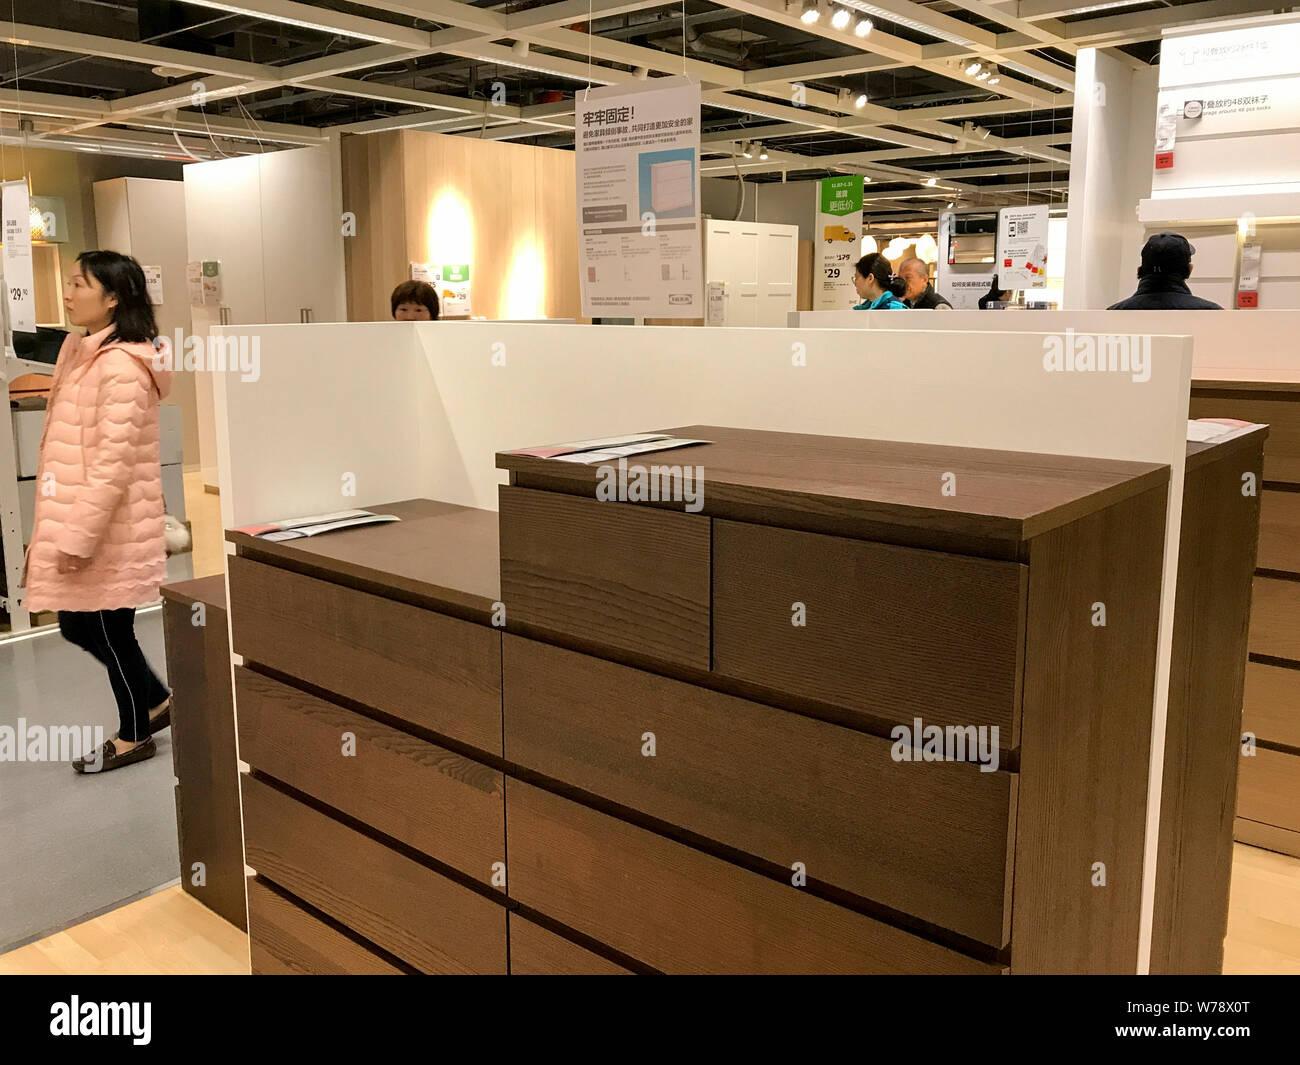 Cassettiera Ikea Malm Bianca.Cassettiere Immagini Cassettiere Fotos Stock Alamy